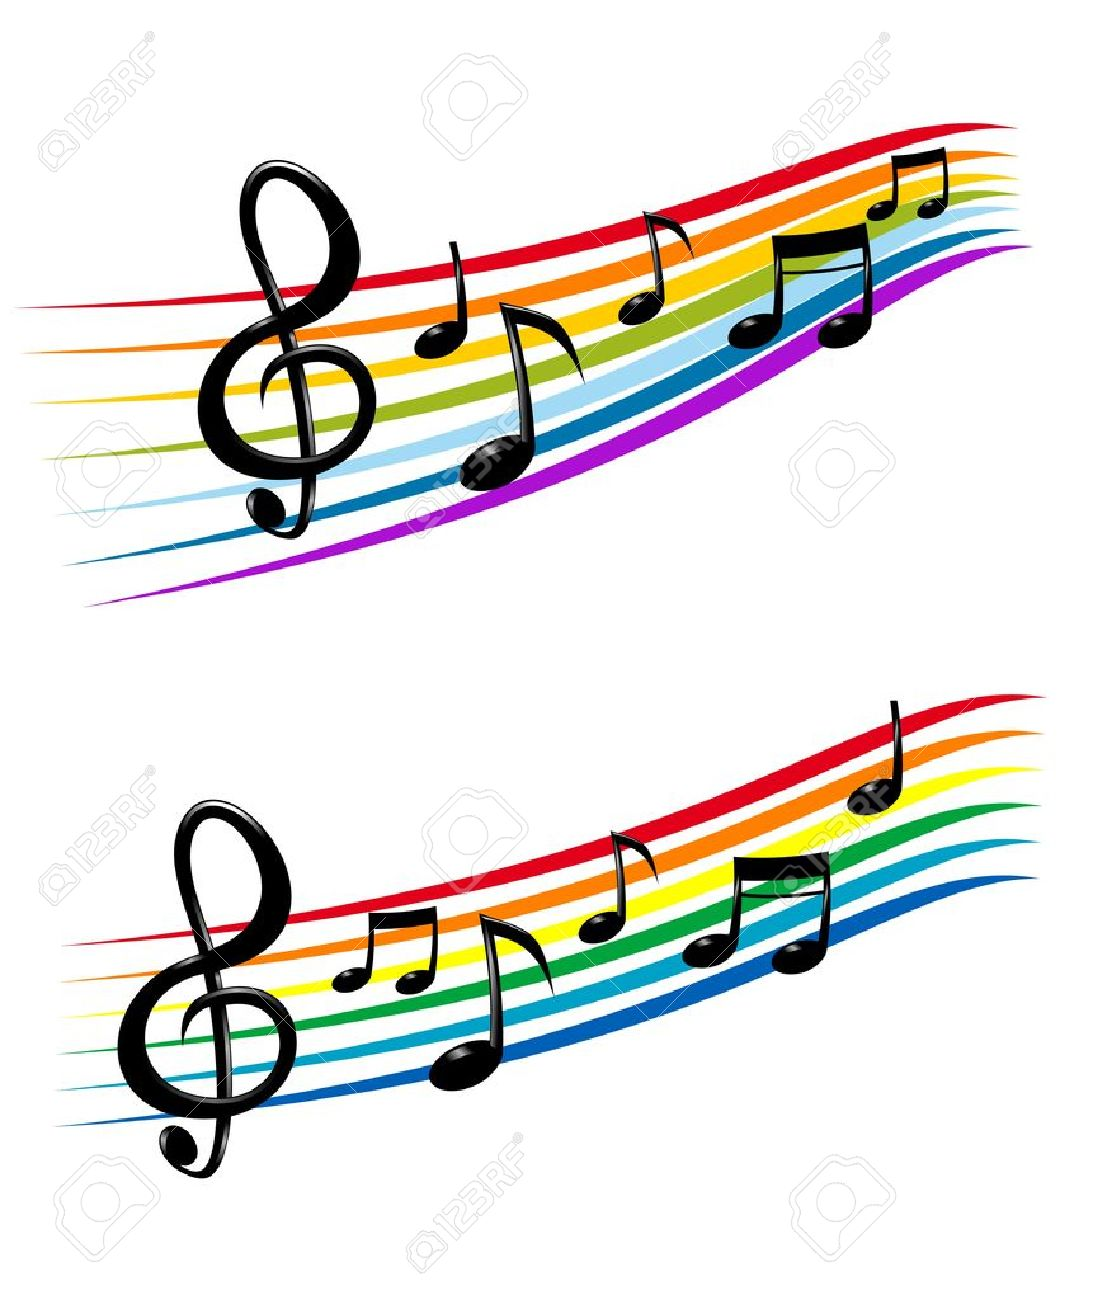 Dessin Note De Musique notes avec des éléments de la musique comme un dessin de fond